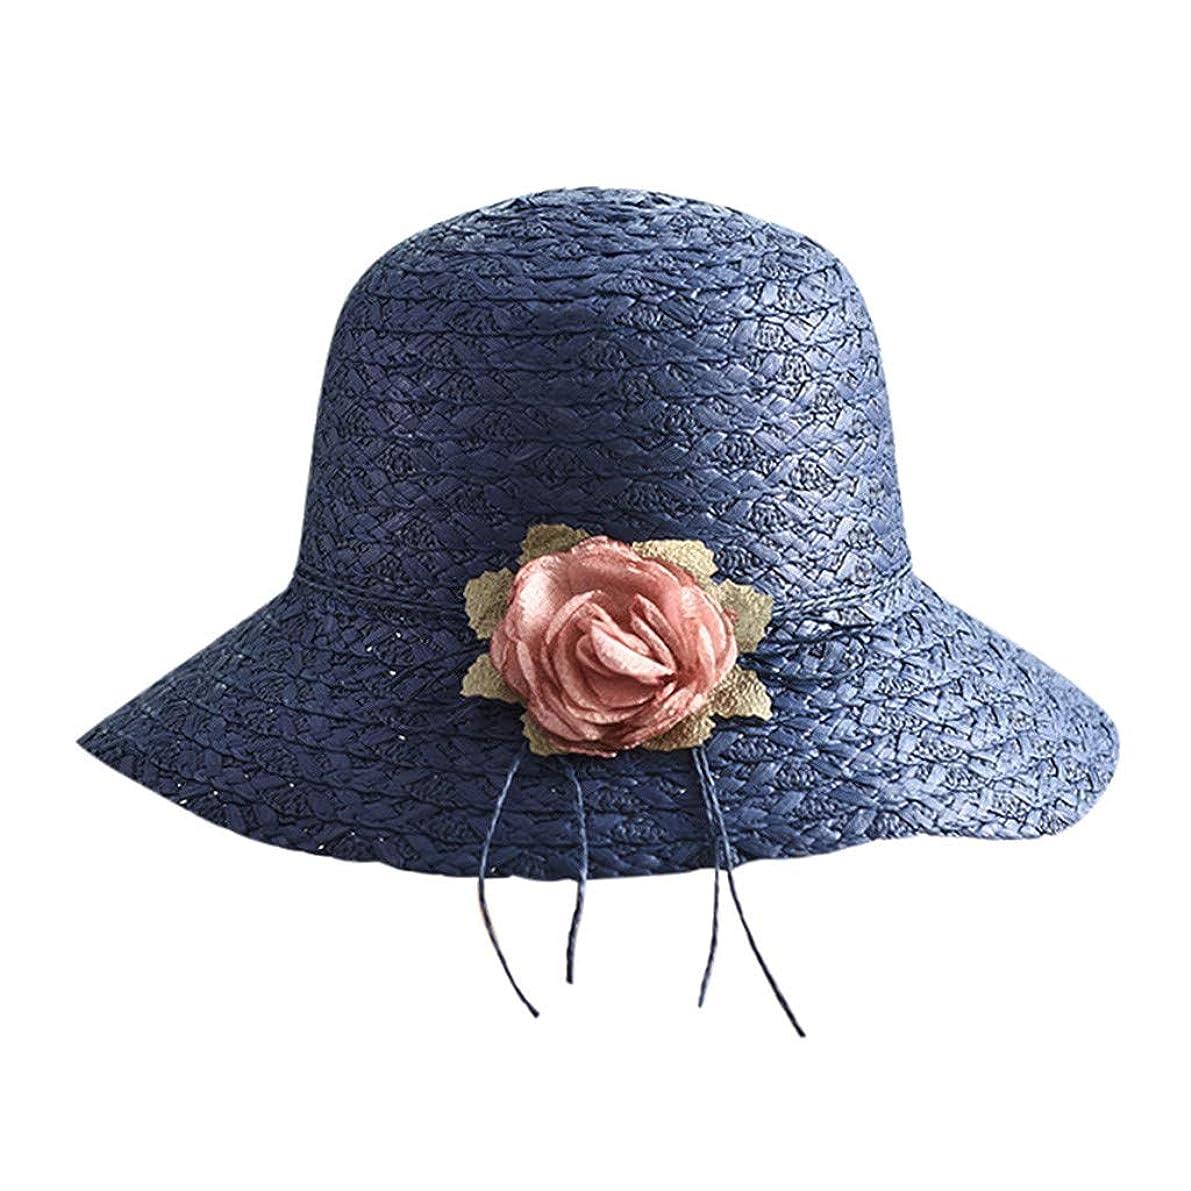 名前理想的親指帽子 レディース 漁師の帽子 uv帽 日焼け防止 UVカット 紫外線対策 軽量 uvカット帽子 春夏 可愛い 小顔効果 日よけ 折りたたみ ハット つば広 帽子 サイズ調整 テープ キャップ ハット レディース サンバイザー ROSE ROMAN